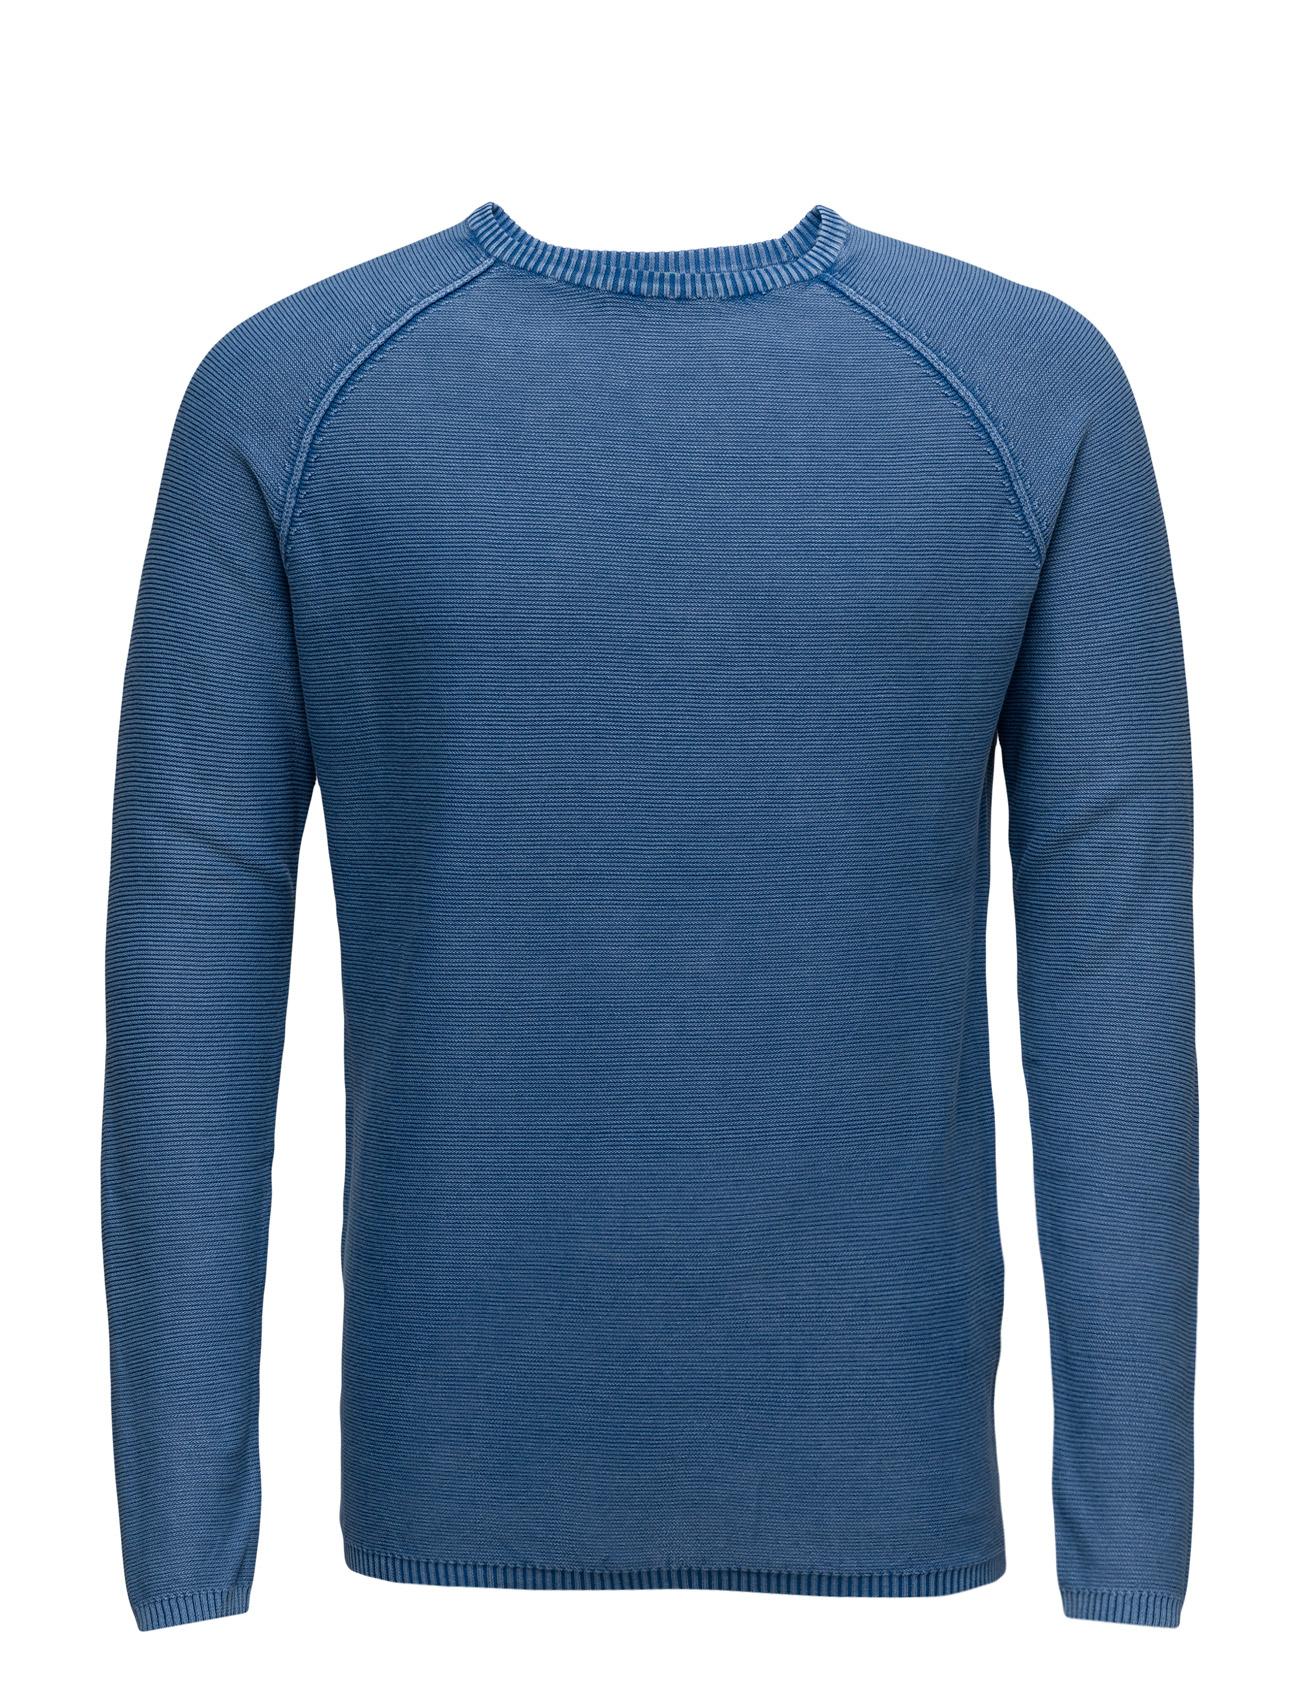 Sweater L/S United Colors of Benetton Rundhalsede til Herrer i Cobalt